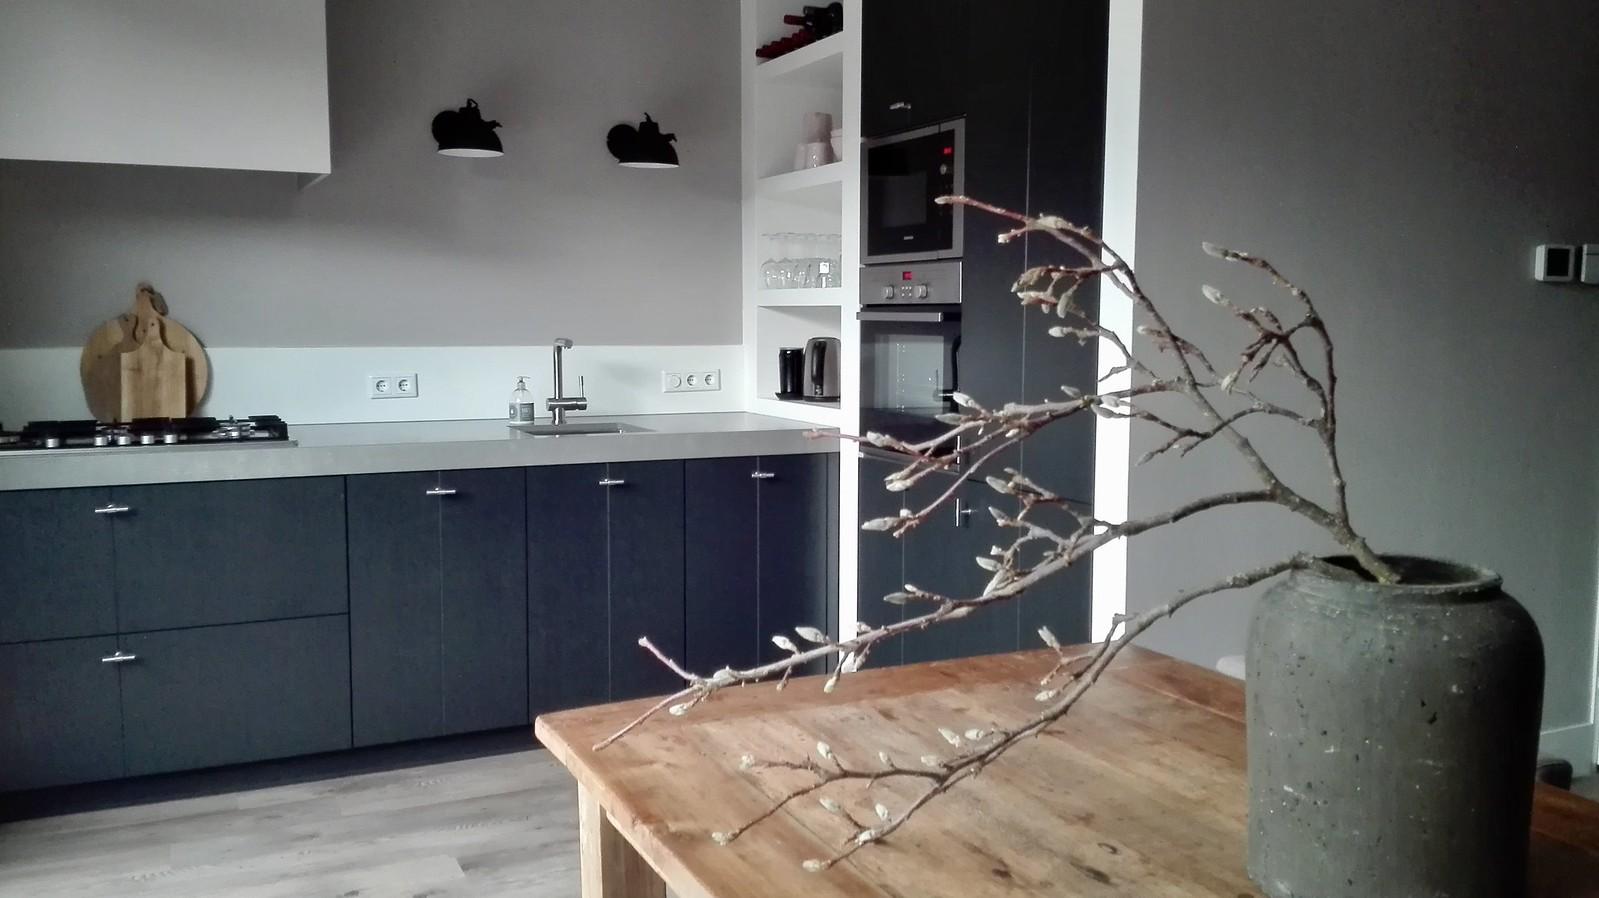 Strakke Zwarte Keuken : Binnenkijken bij carola de wemelaer